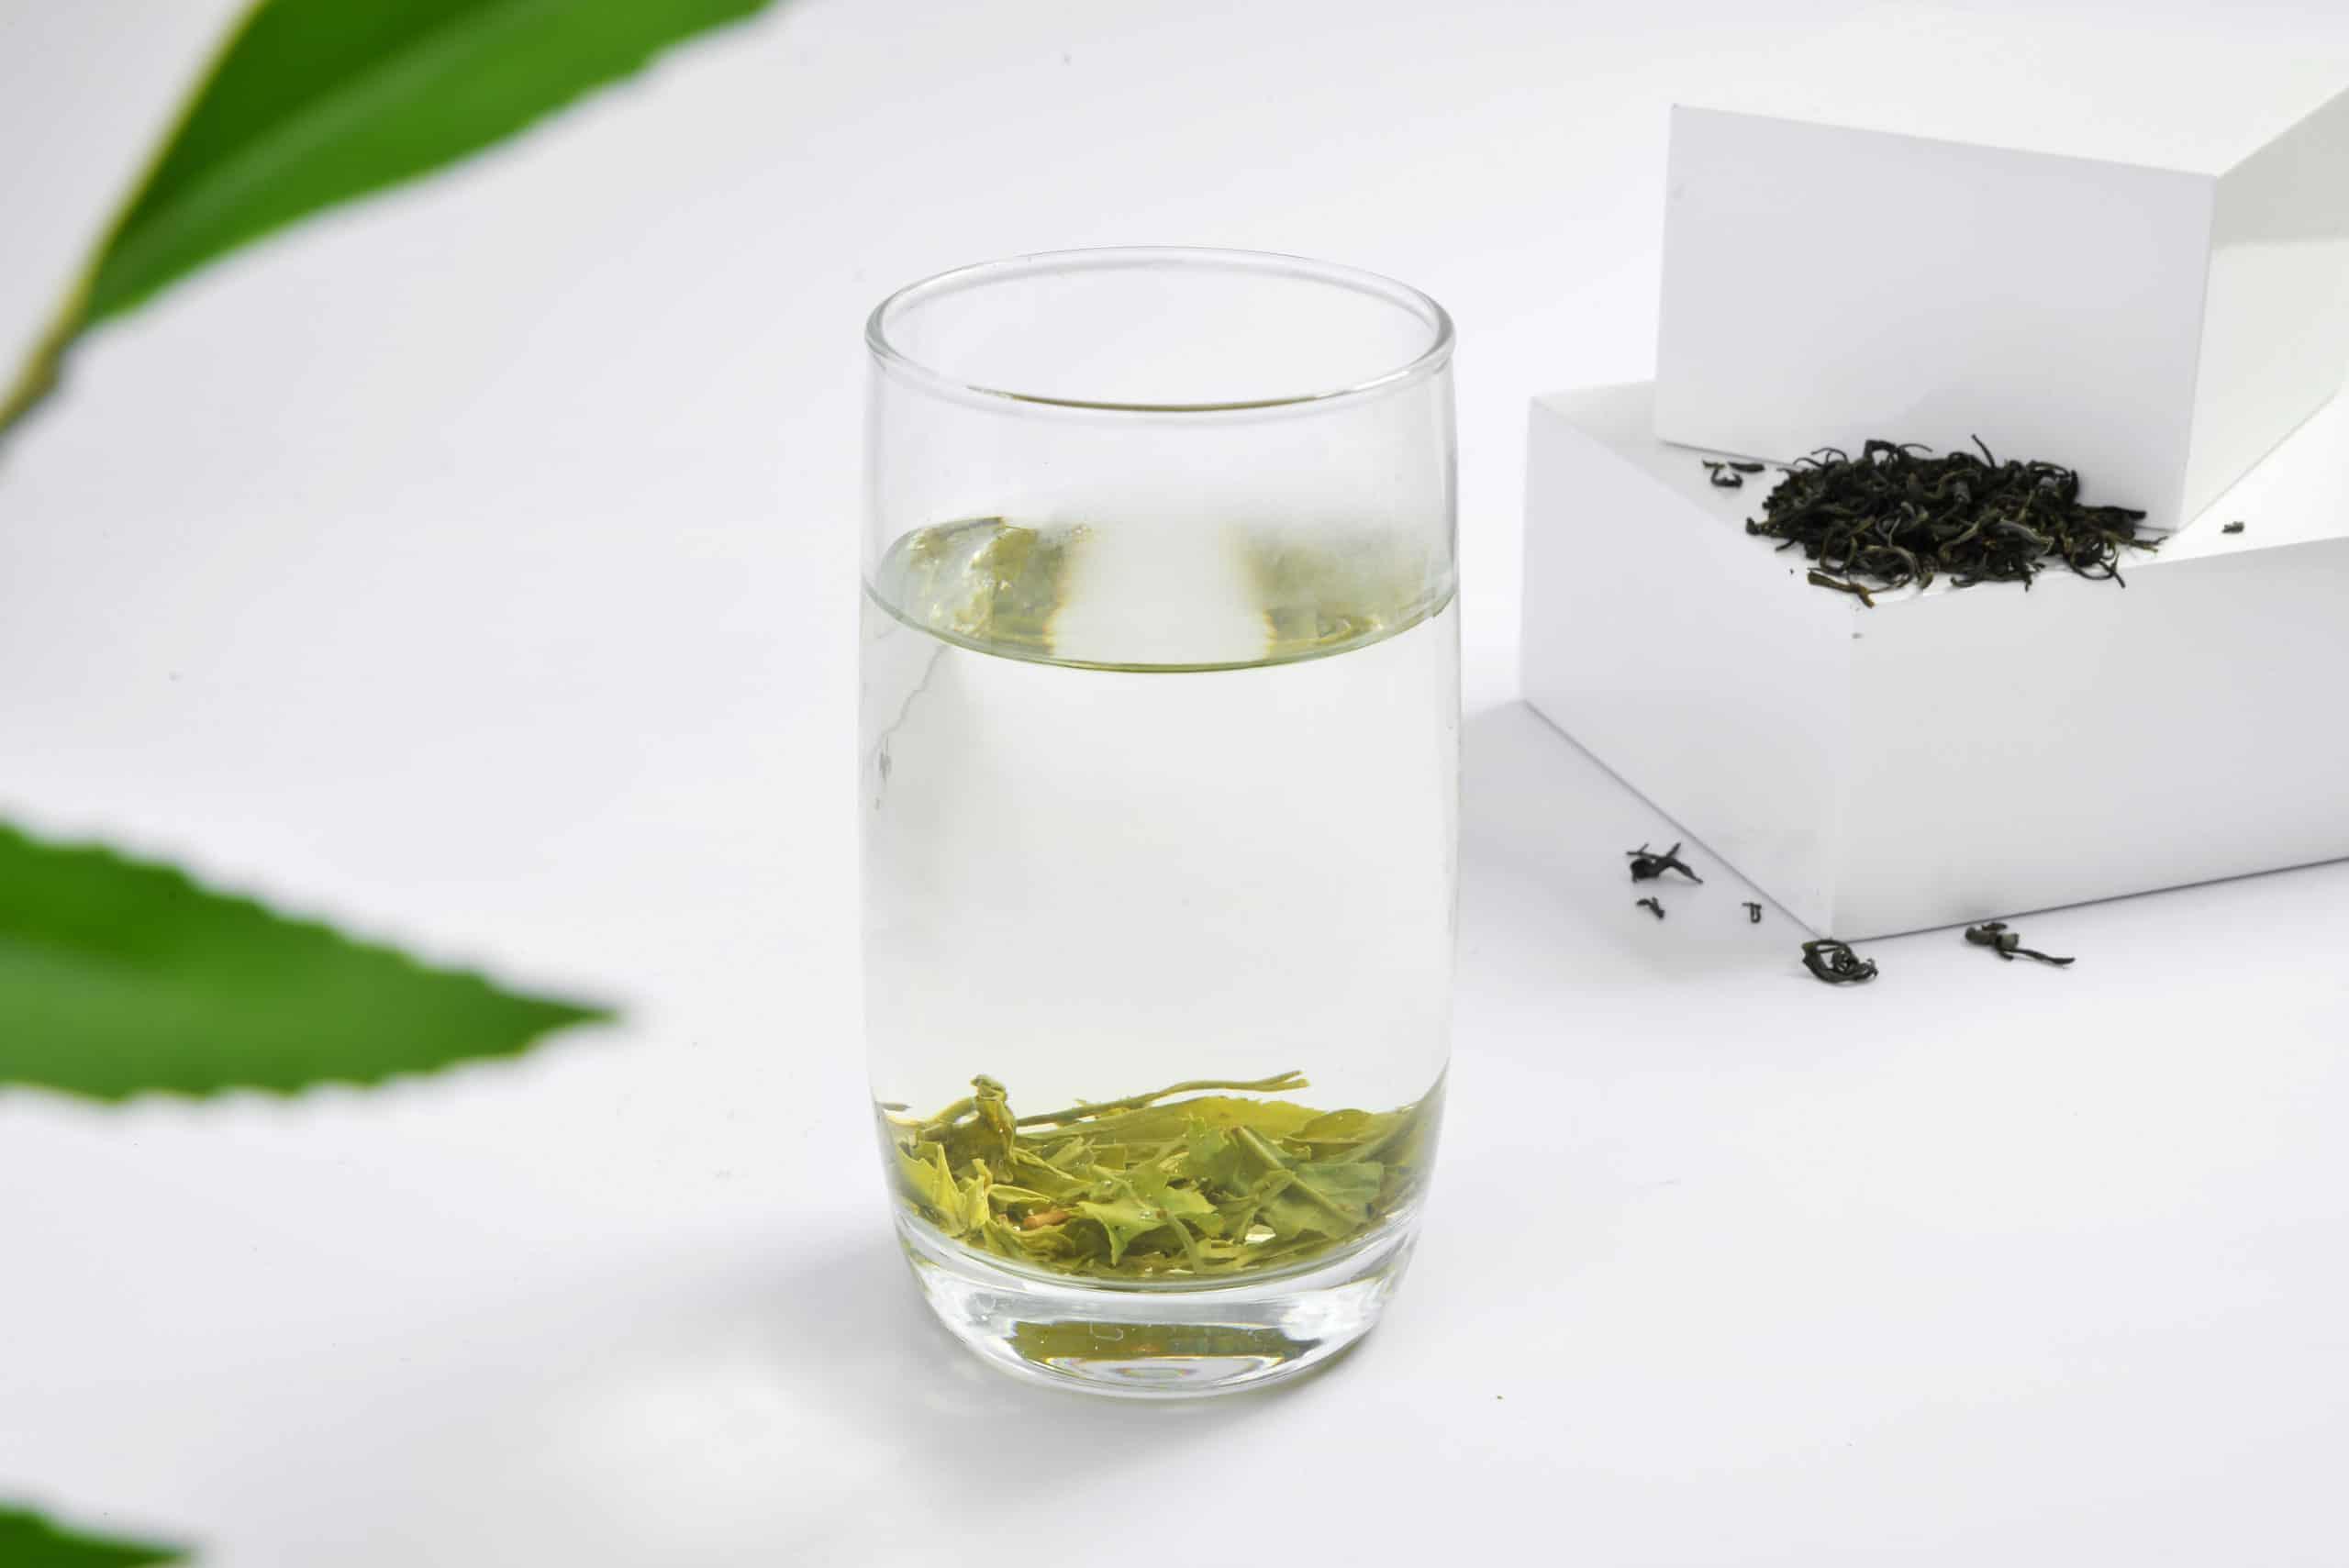 黃山毛峰綠茶 - 純茶坊 - 香港純正中國茶葉茶具